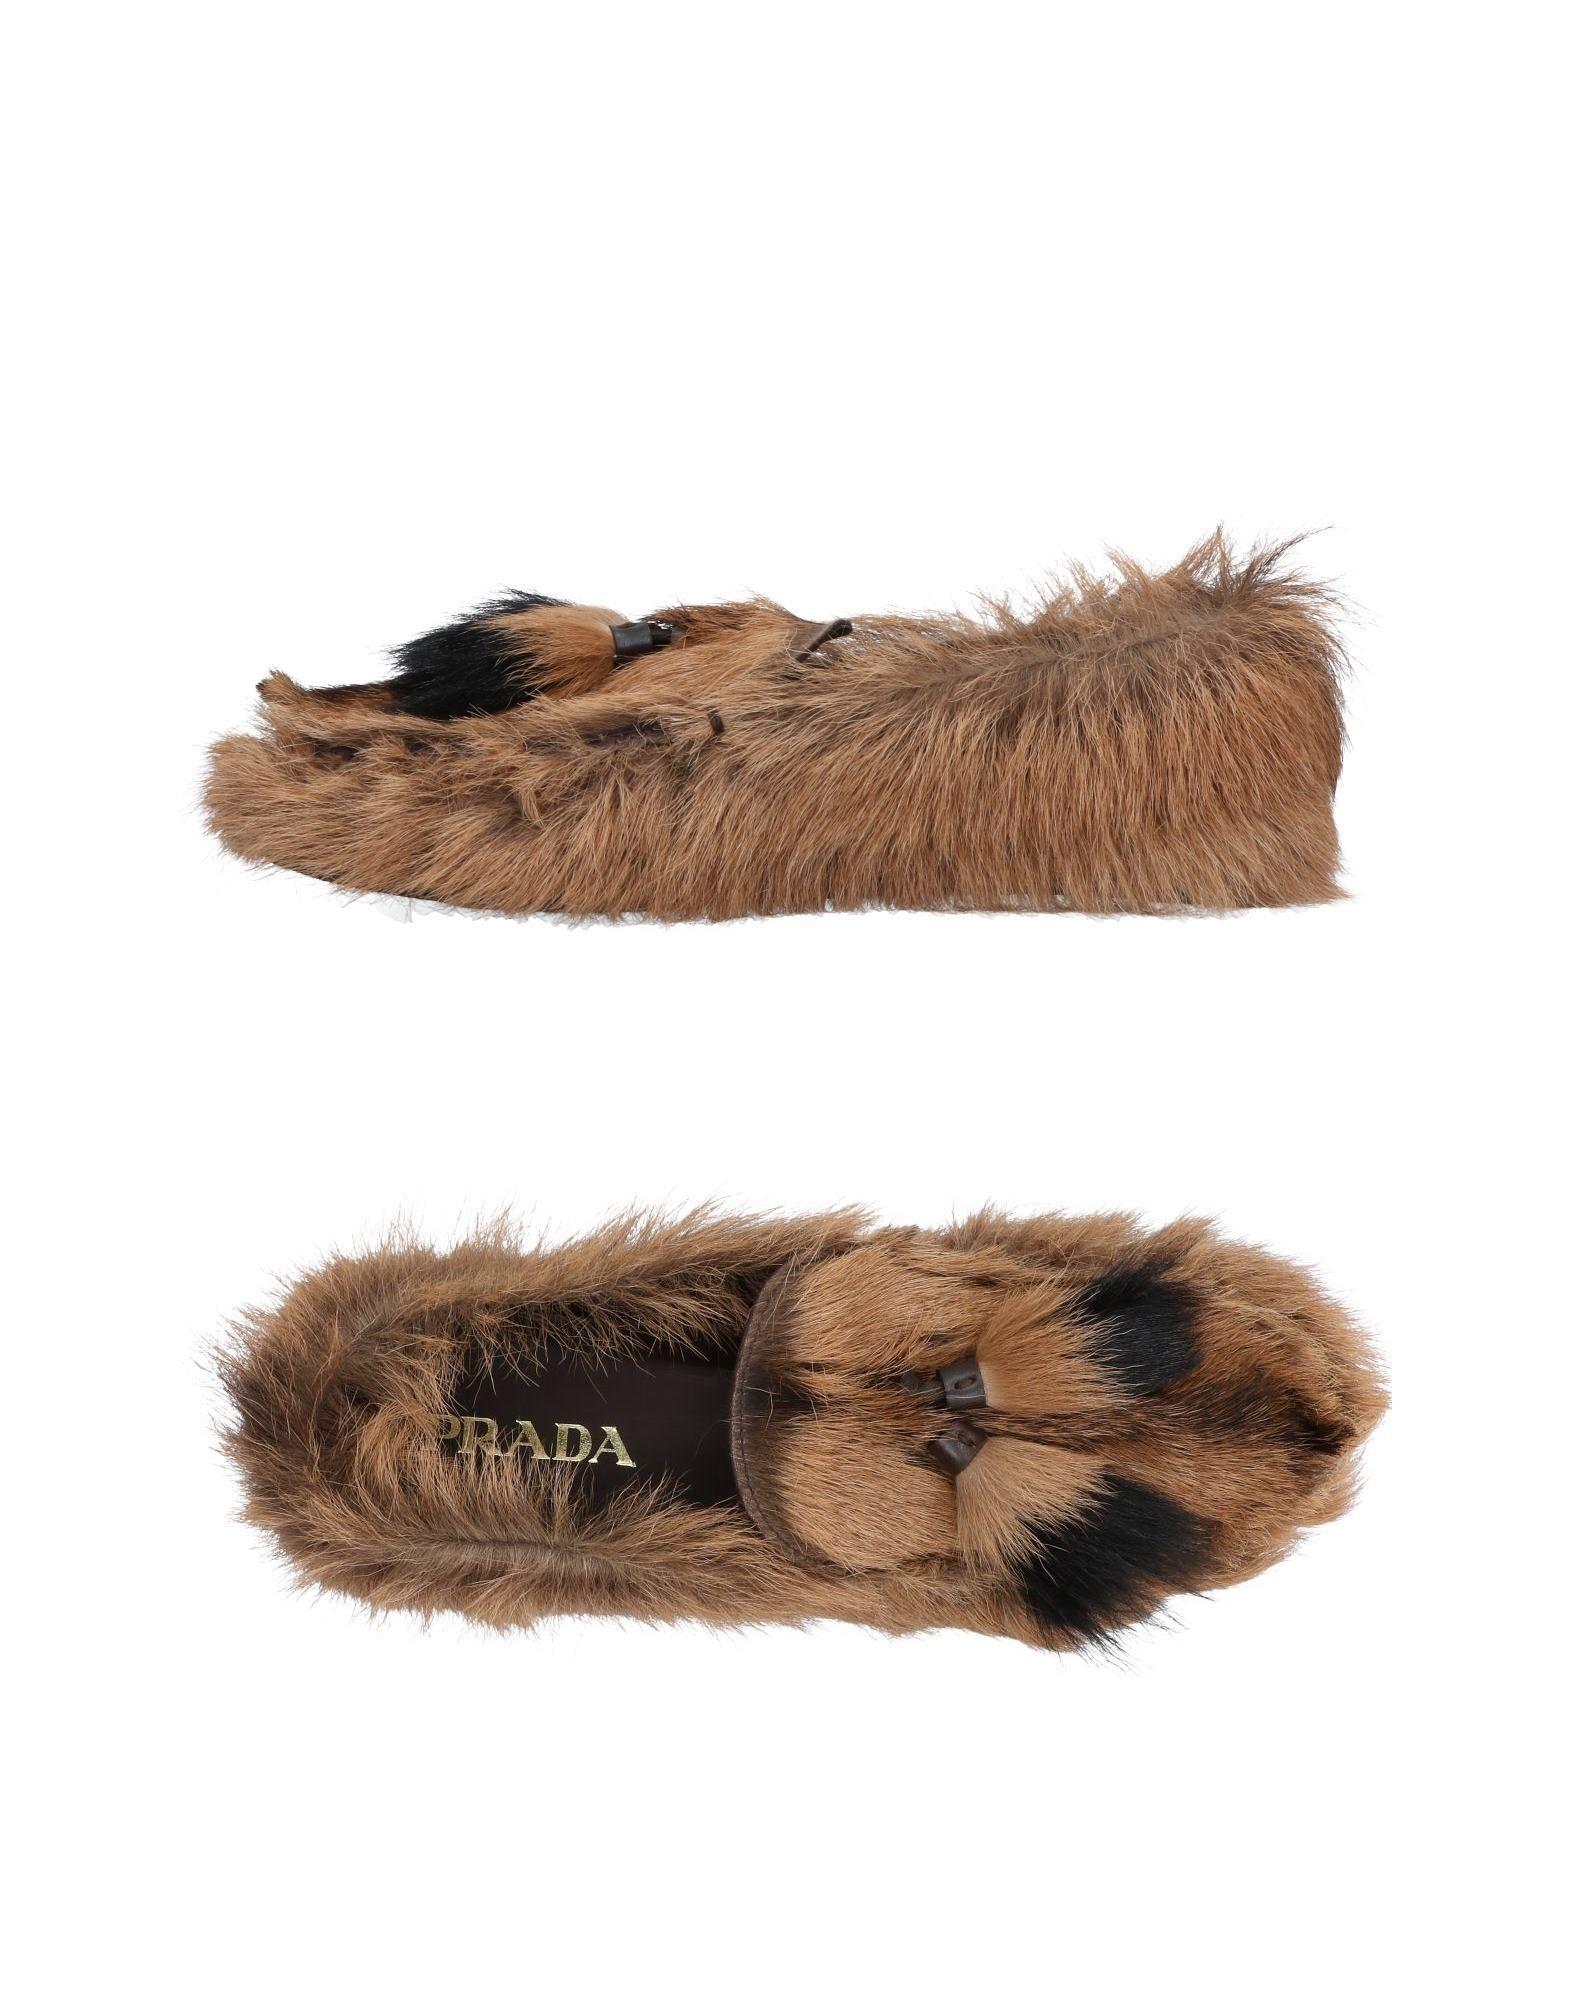 Prada Mokassins Herren  11465014FO Gute Qualität beliebte Schuhe